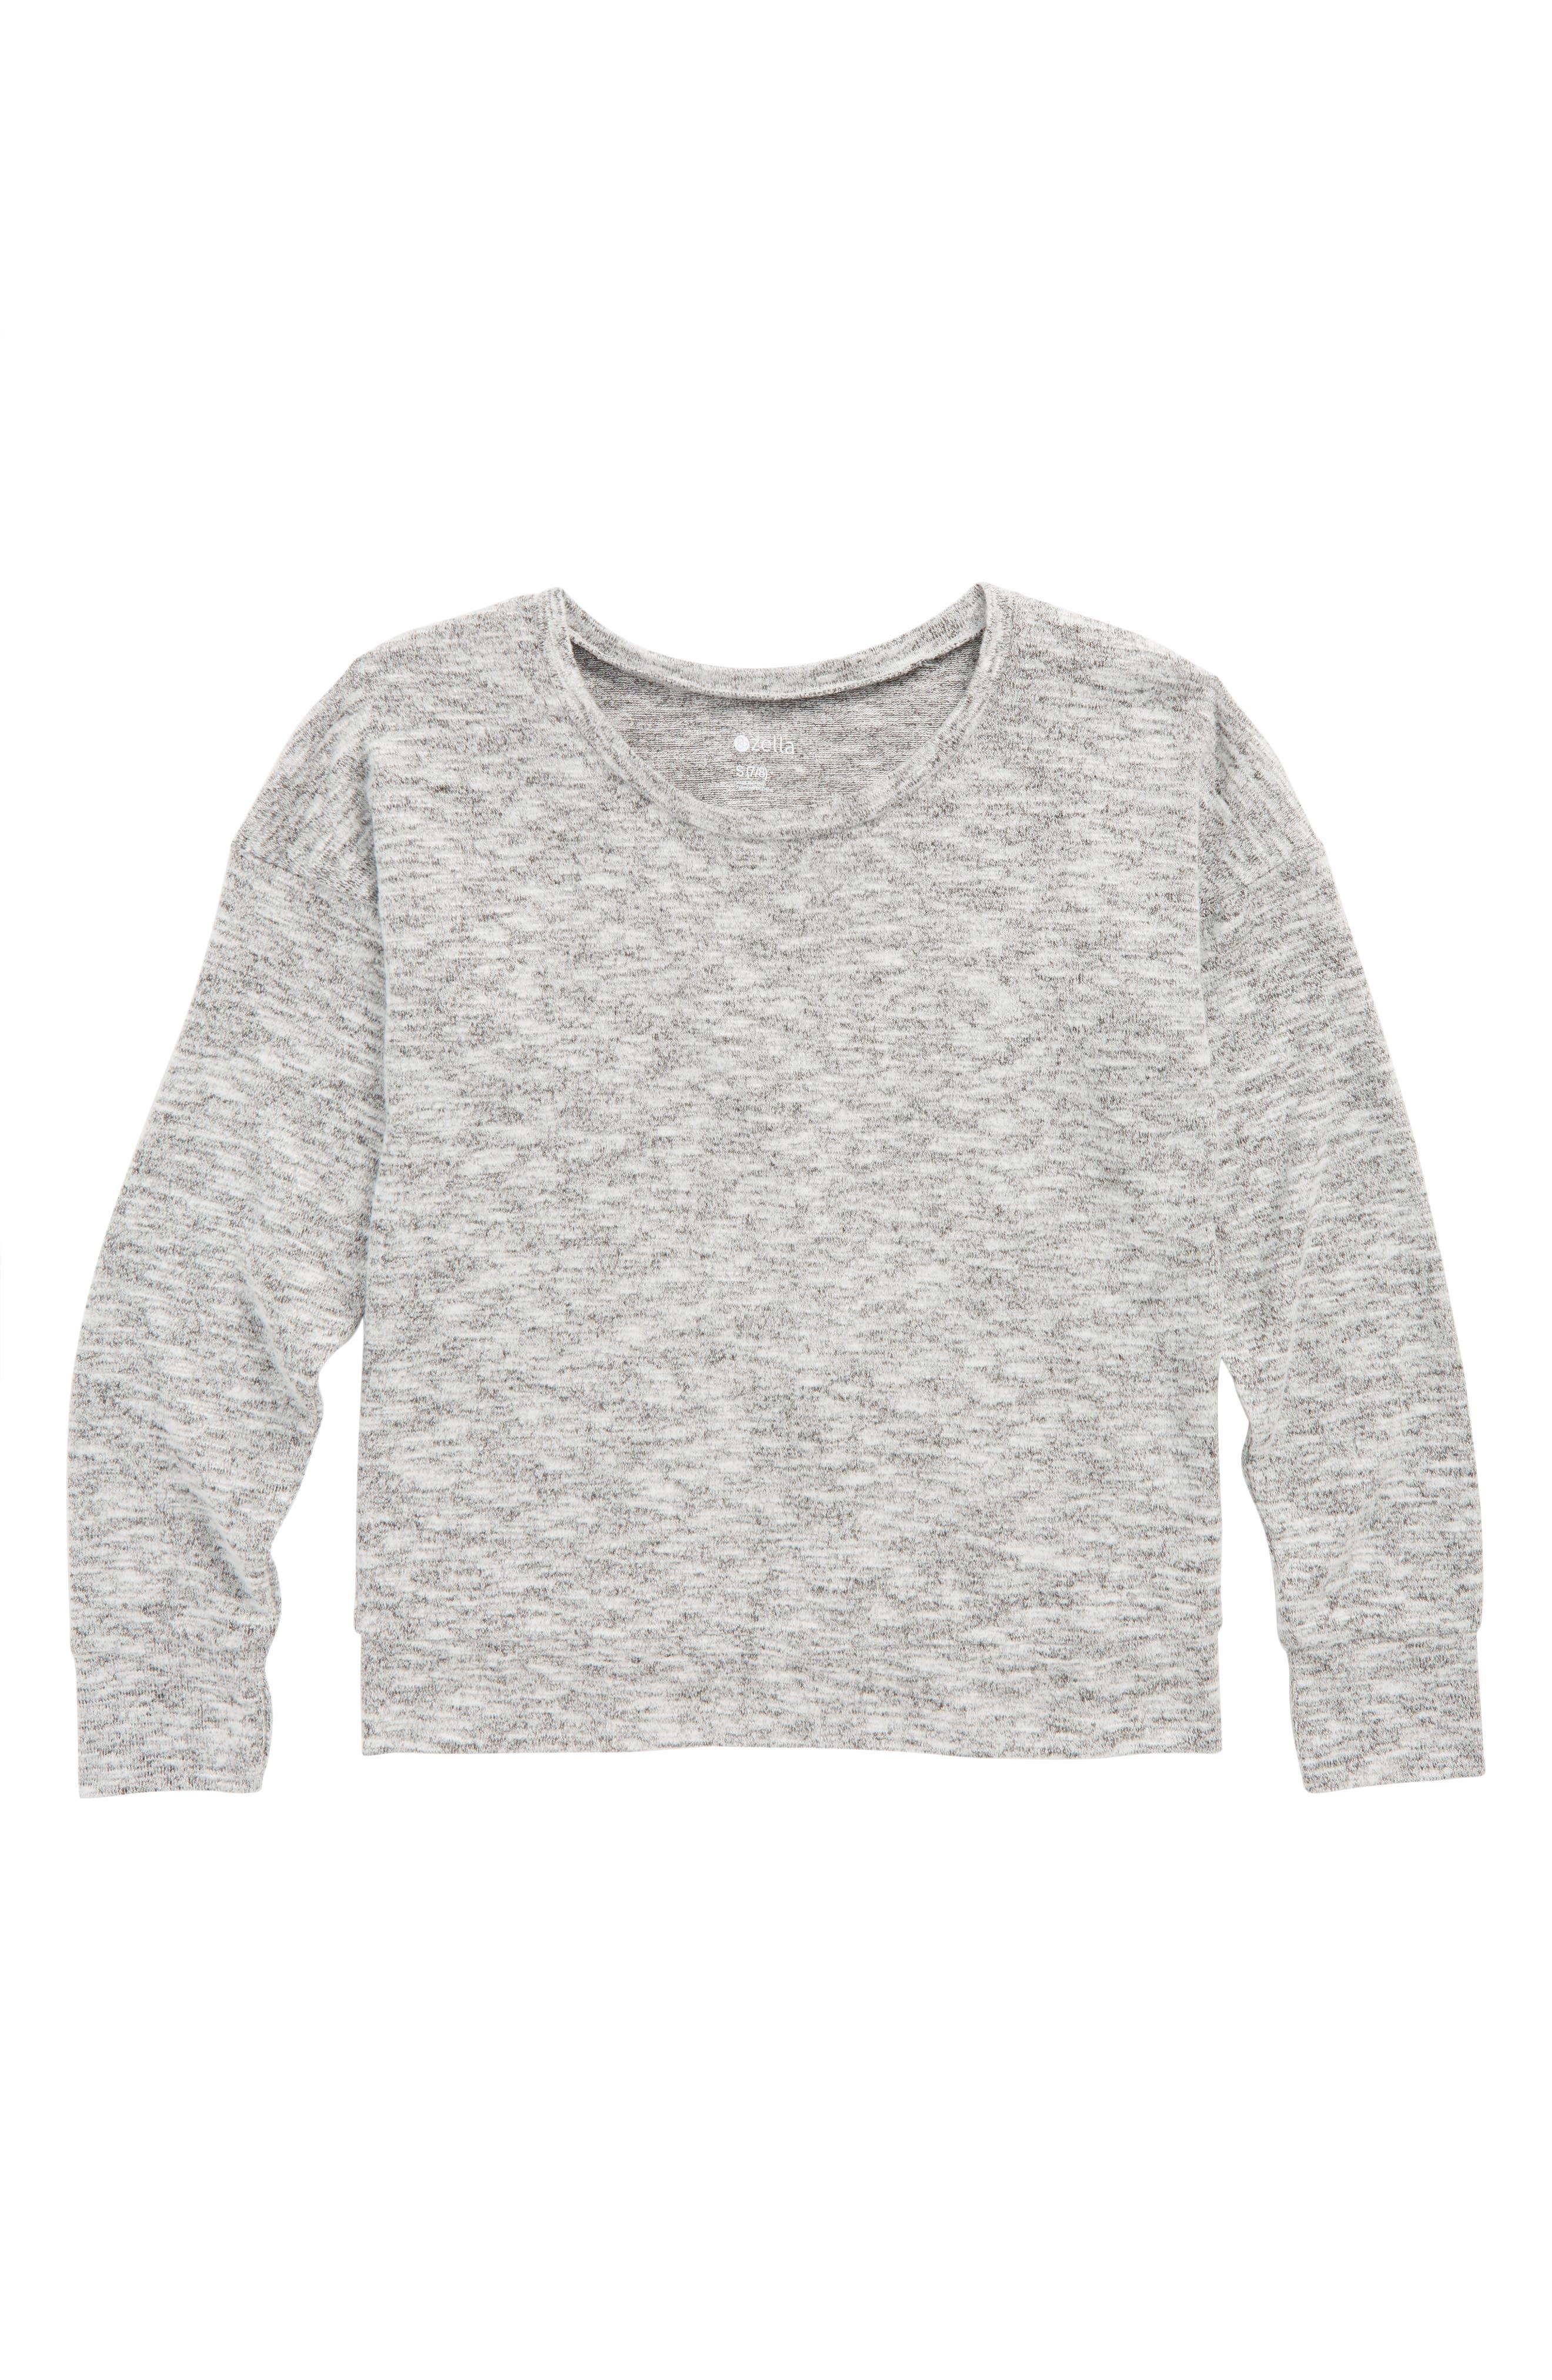 Zella Open Back Sweater,                         Main,                         color, Black- White